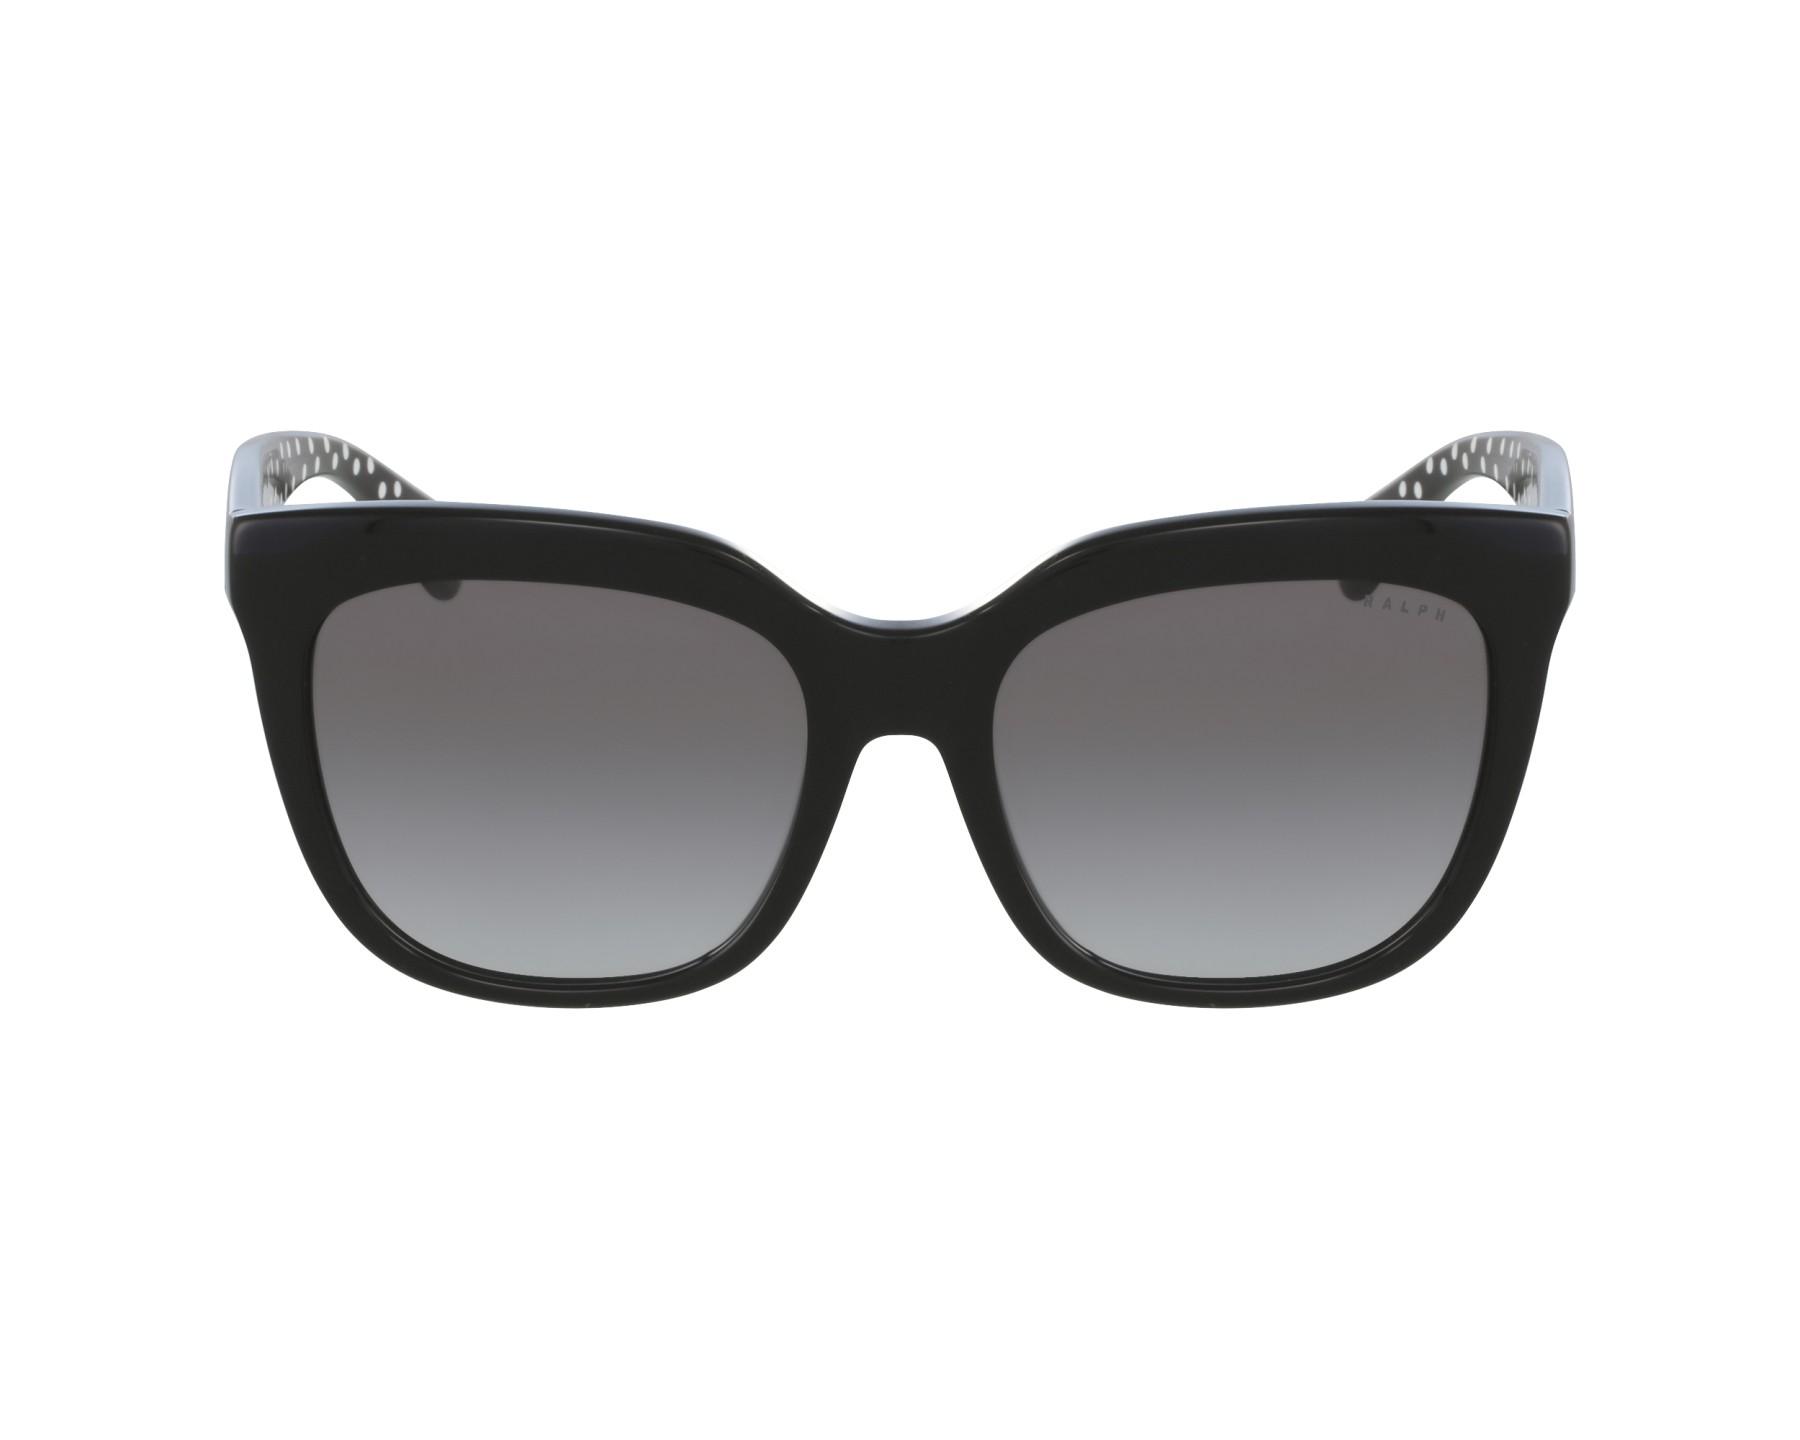 3606bbac75acd Gafas de sol Ralph by Ralph Lauren RA-5213 137711 - Negra Negra vista de